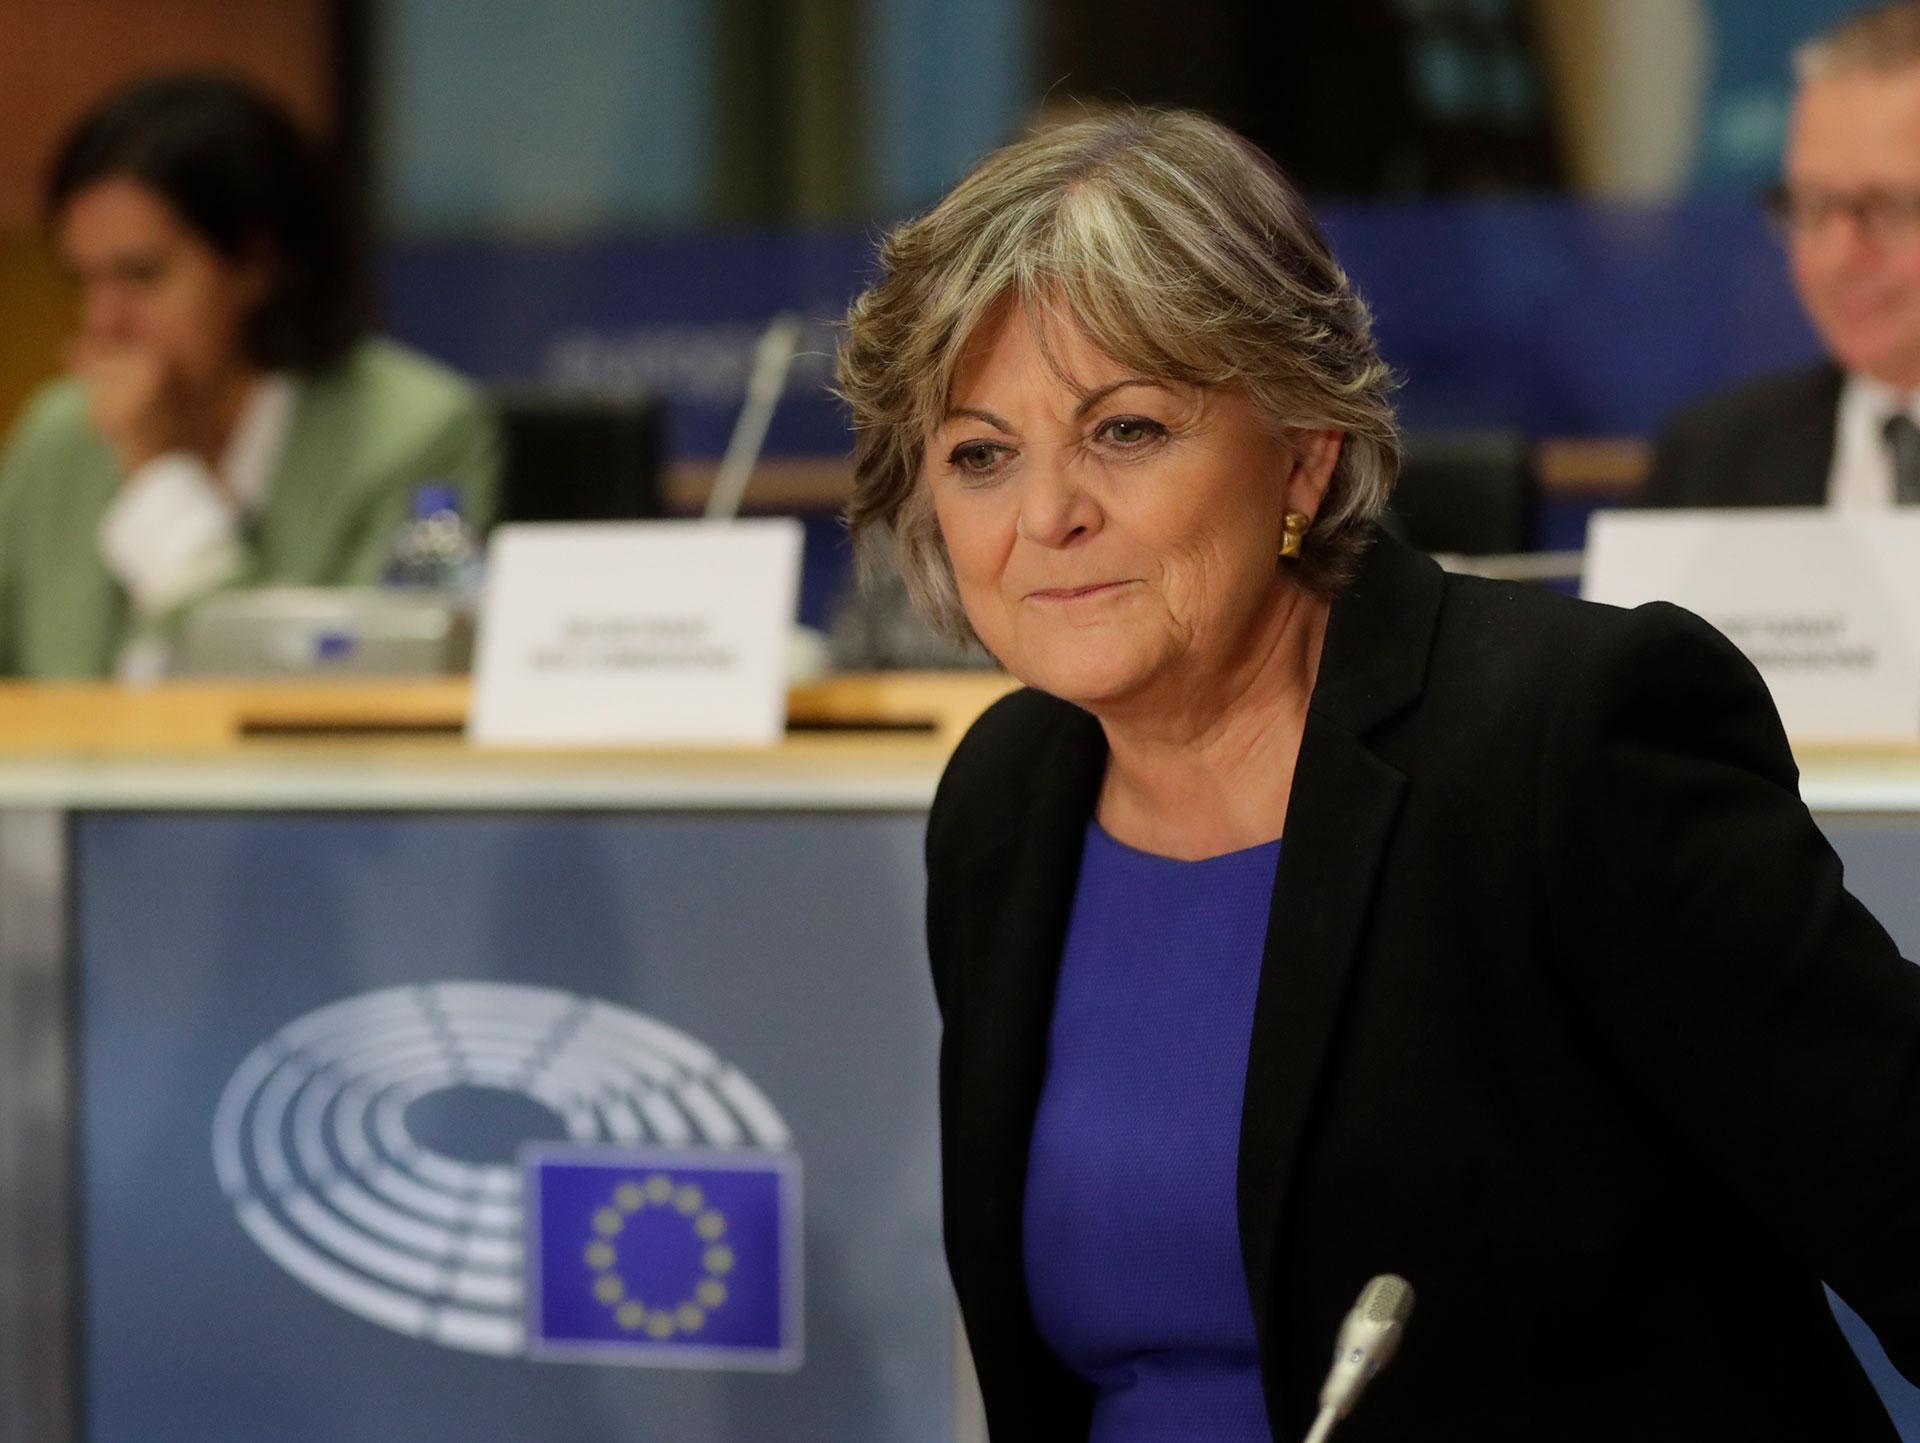 Elisa Ferreira foi nomeada comissária europeia da coesão e reformas em setembro deste ano